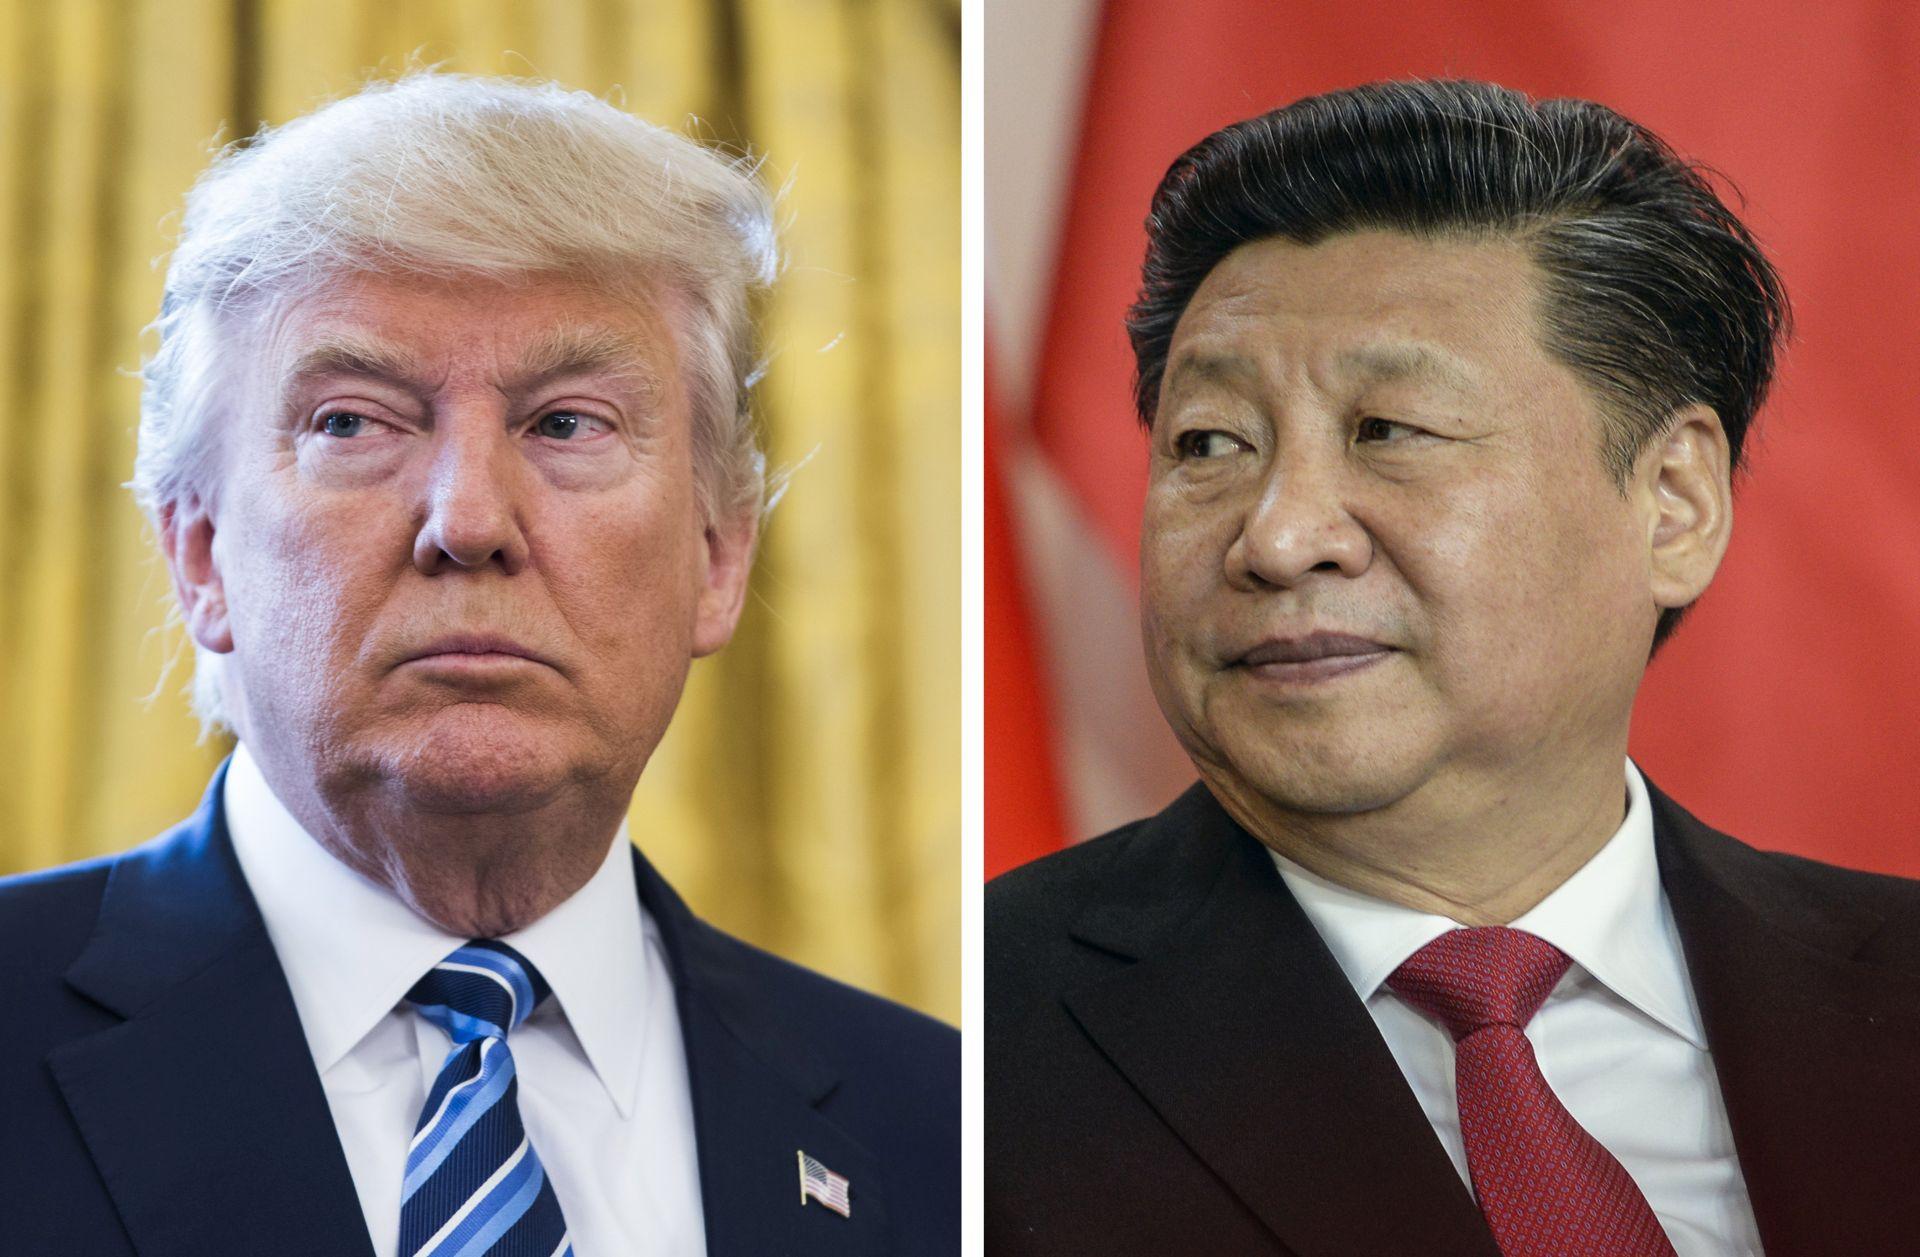 FLORIDA Kineski predsjednik stigao u posjet SAD-u